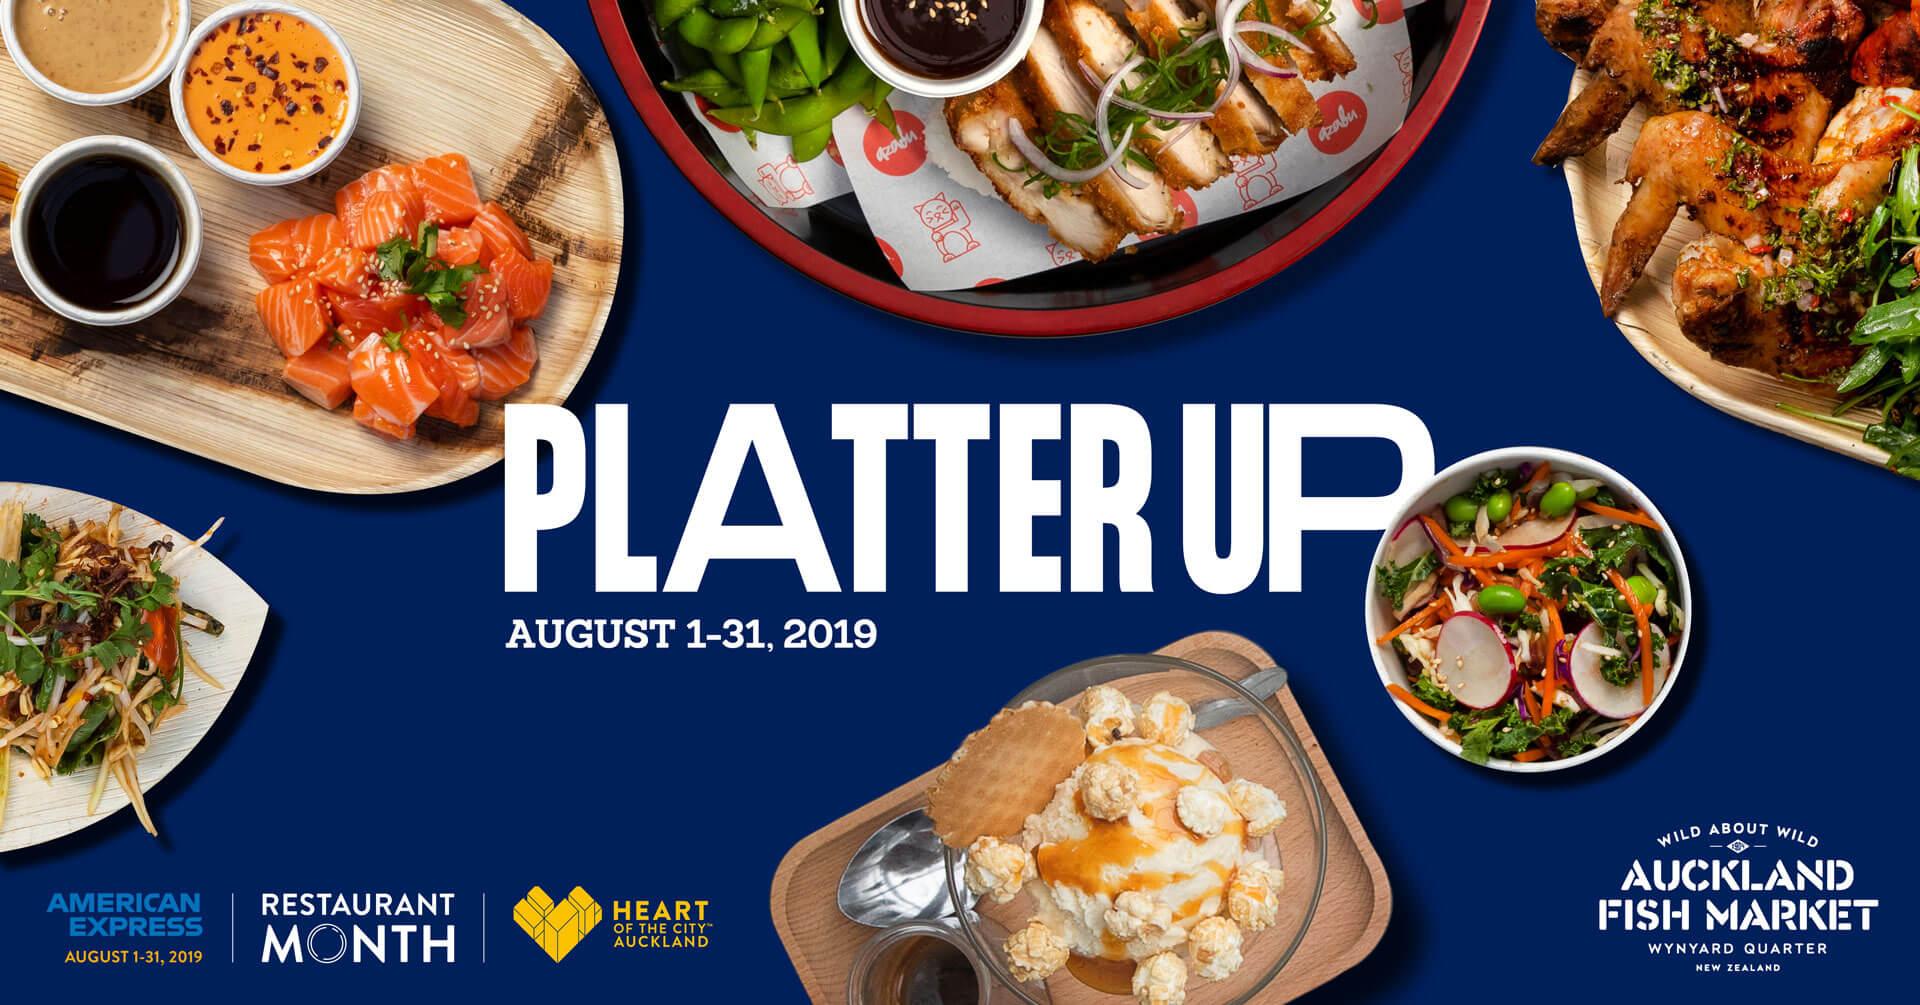 Platter Up for Restaurant Month